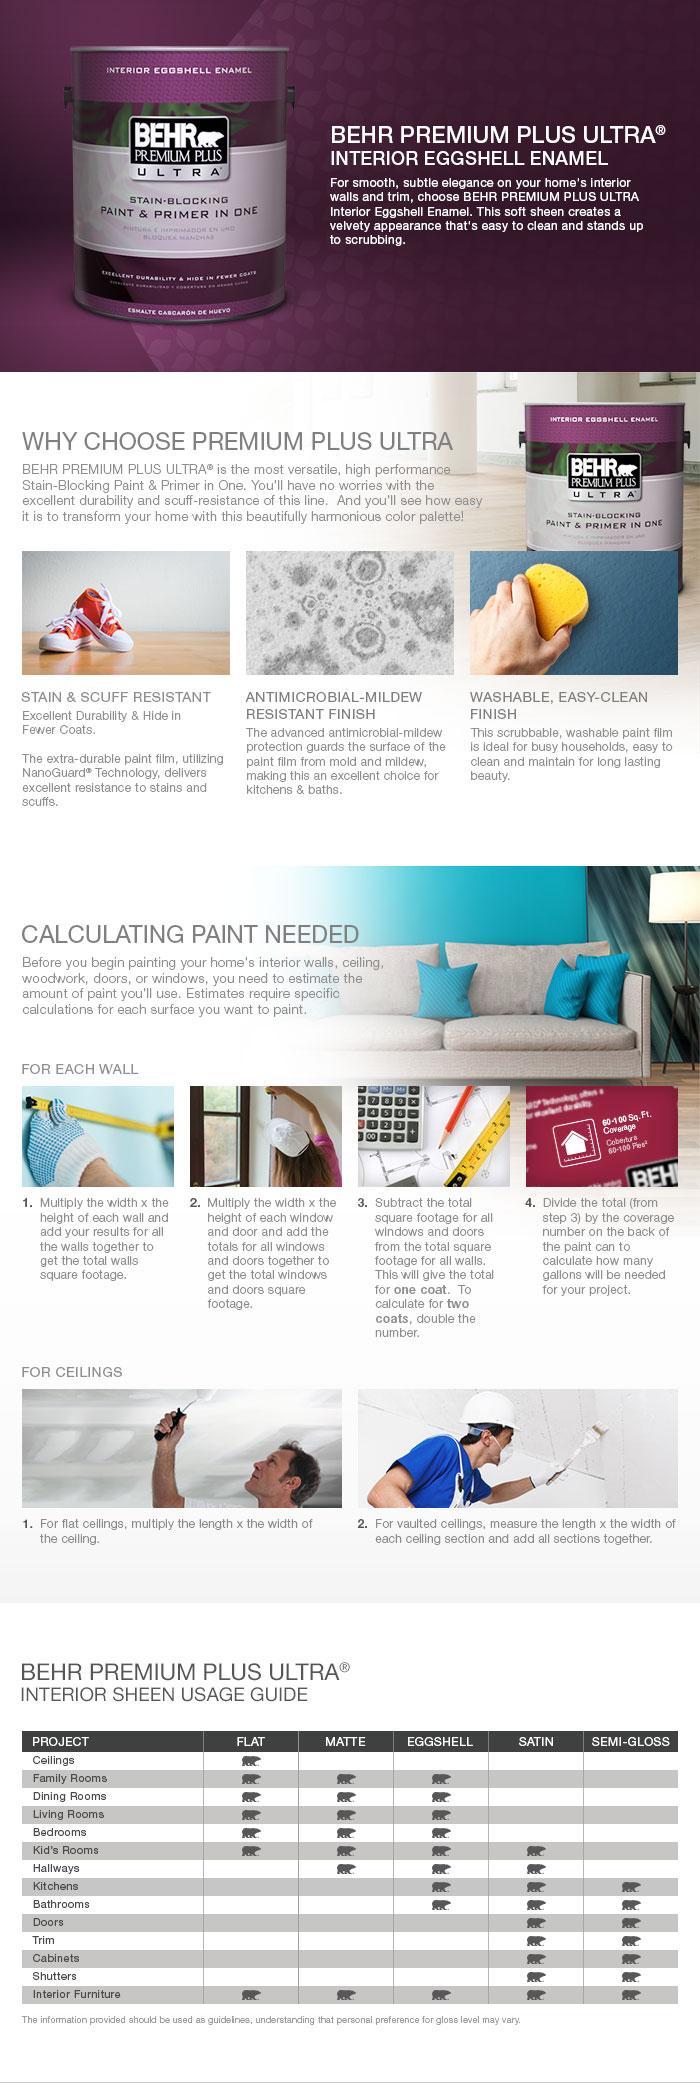 Behr premium plus ultra 8 oz ul260 8 perfect taupe interior exterior - Product Overview Behr Premium Plus Ultra Interior